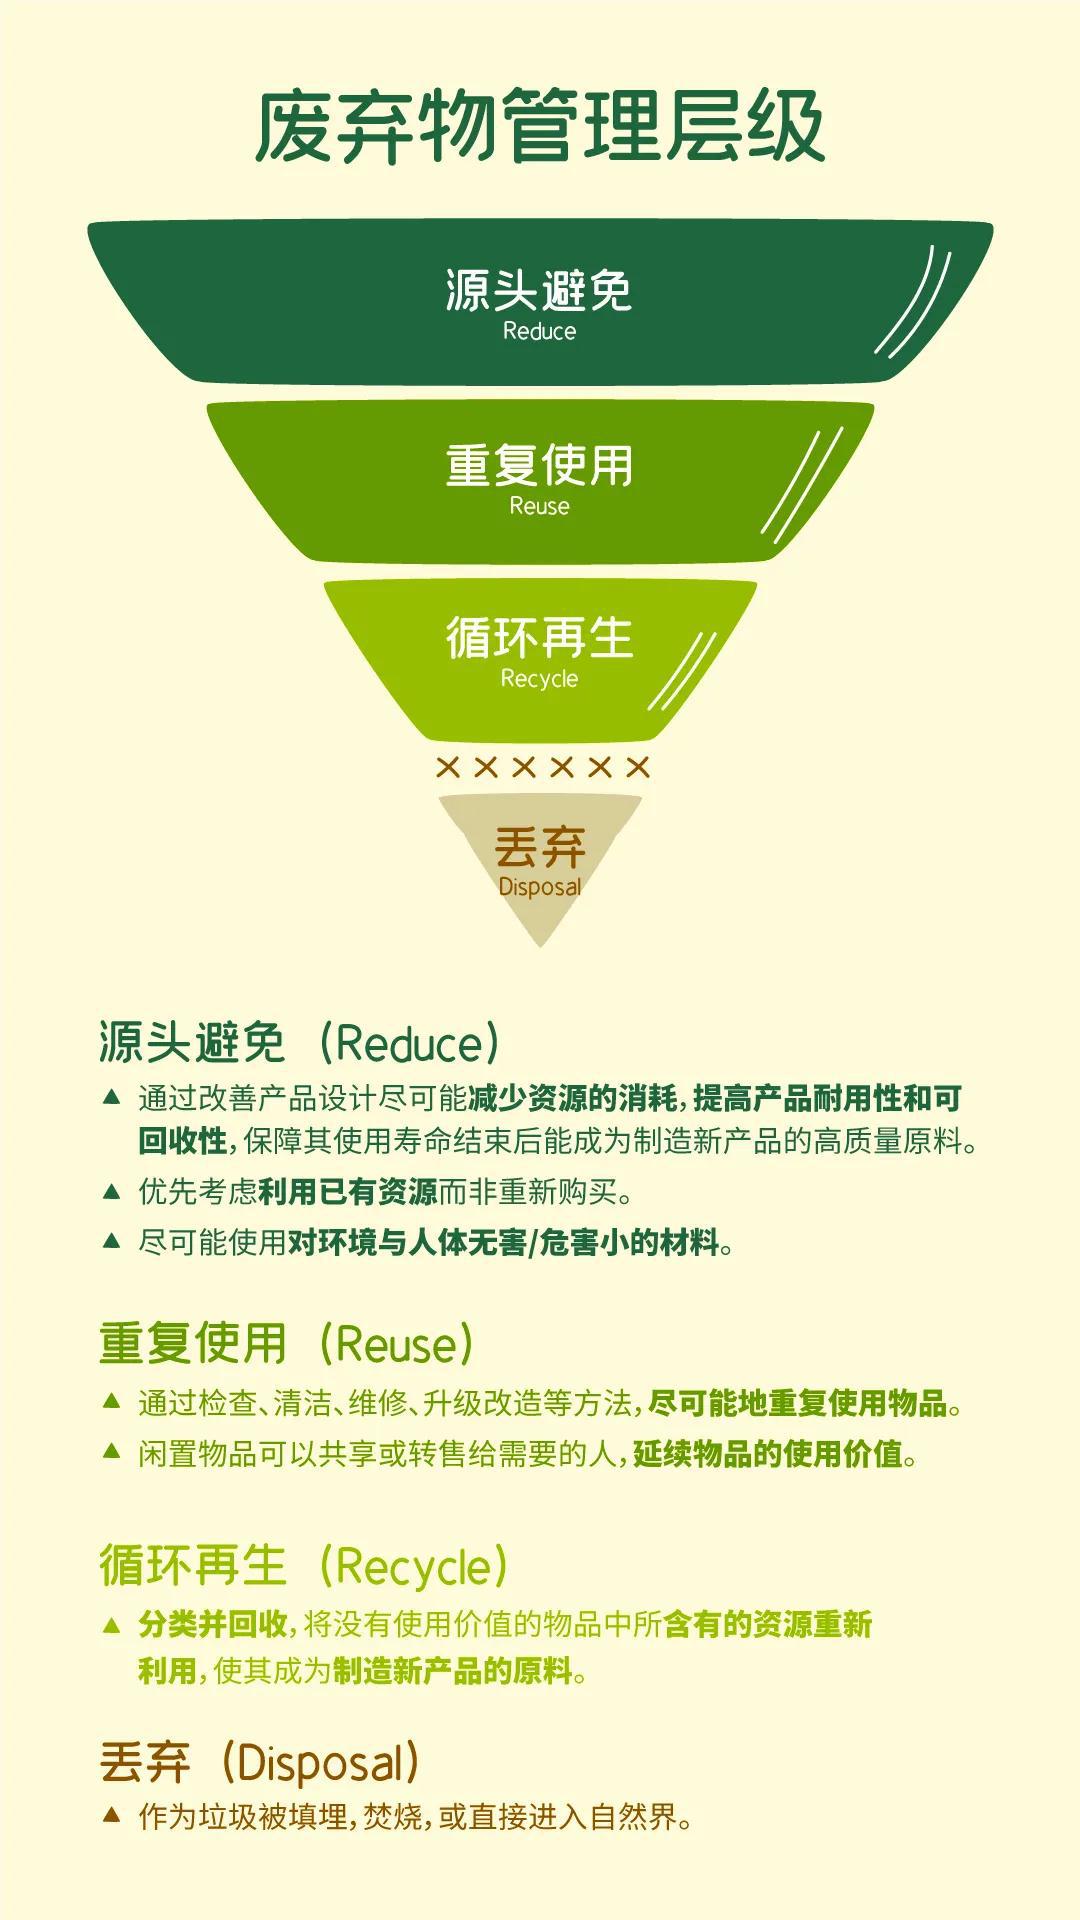 绿色垃圾分类